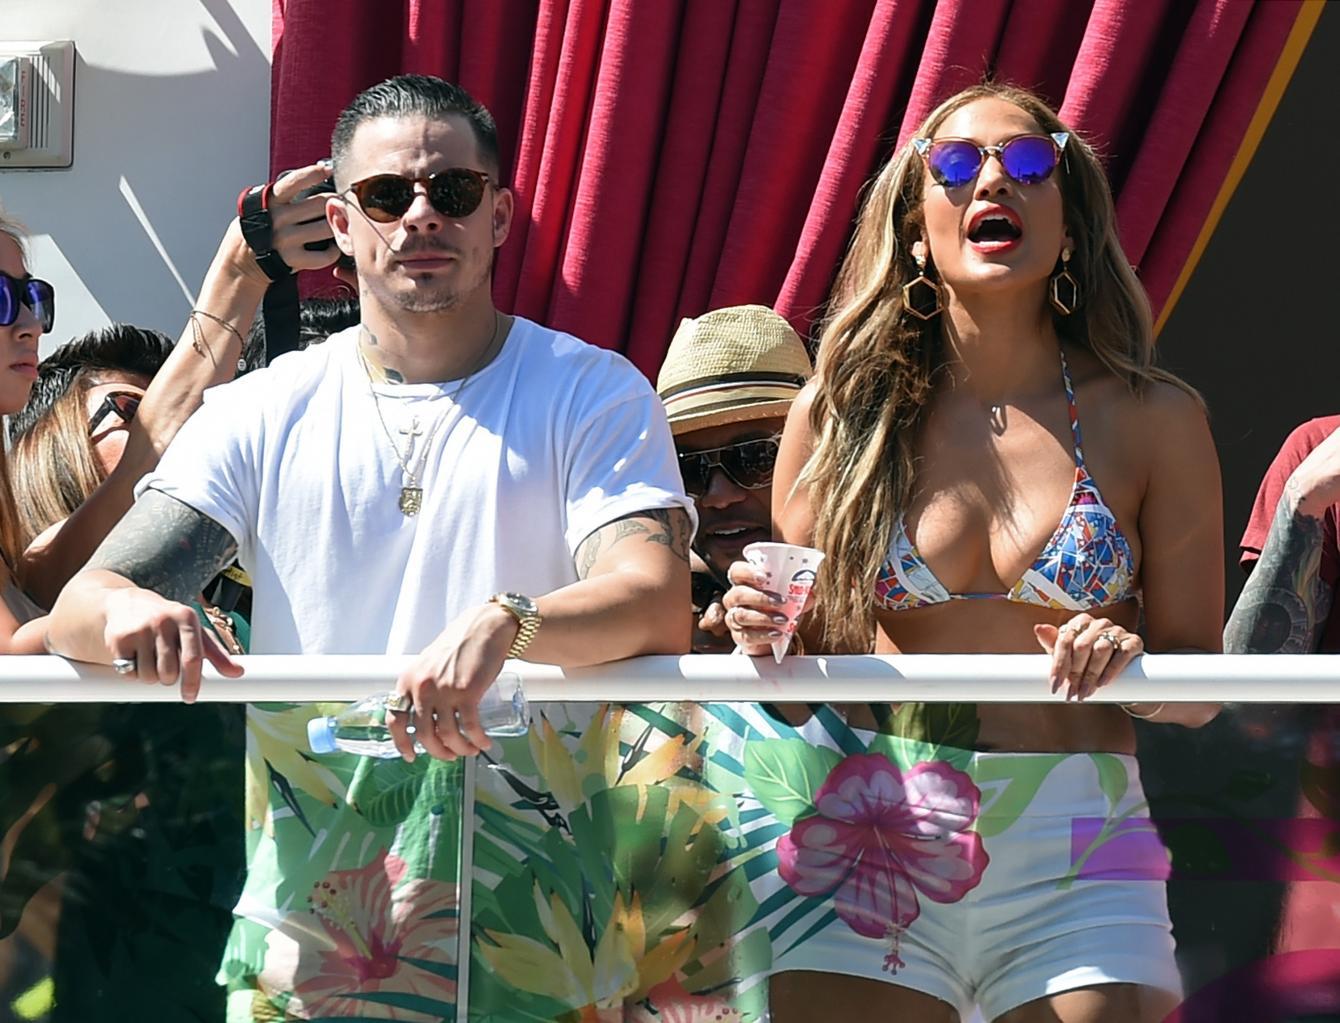 Jennifer Lopez Reportedly Splits From Her Longtime Boyfriend Casper Smart